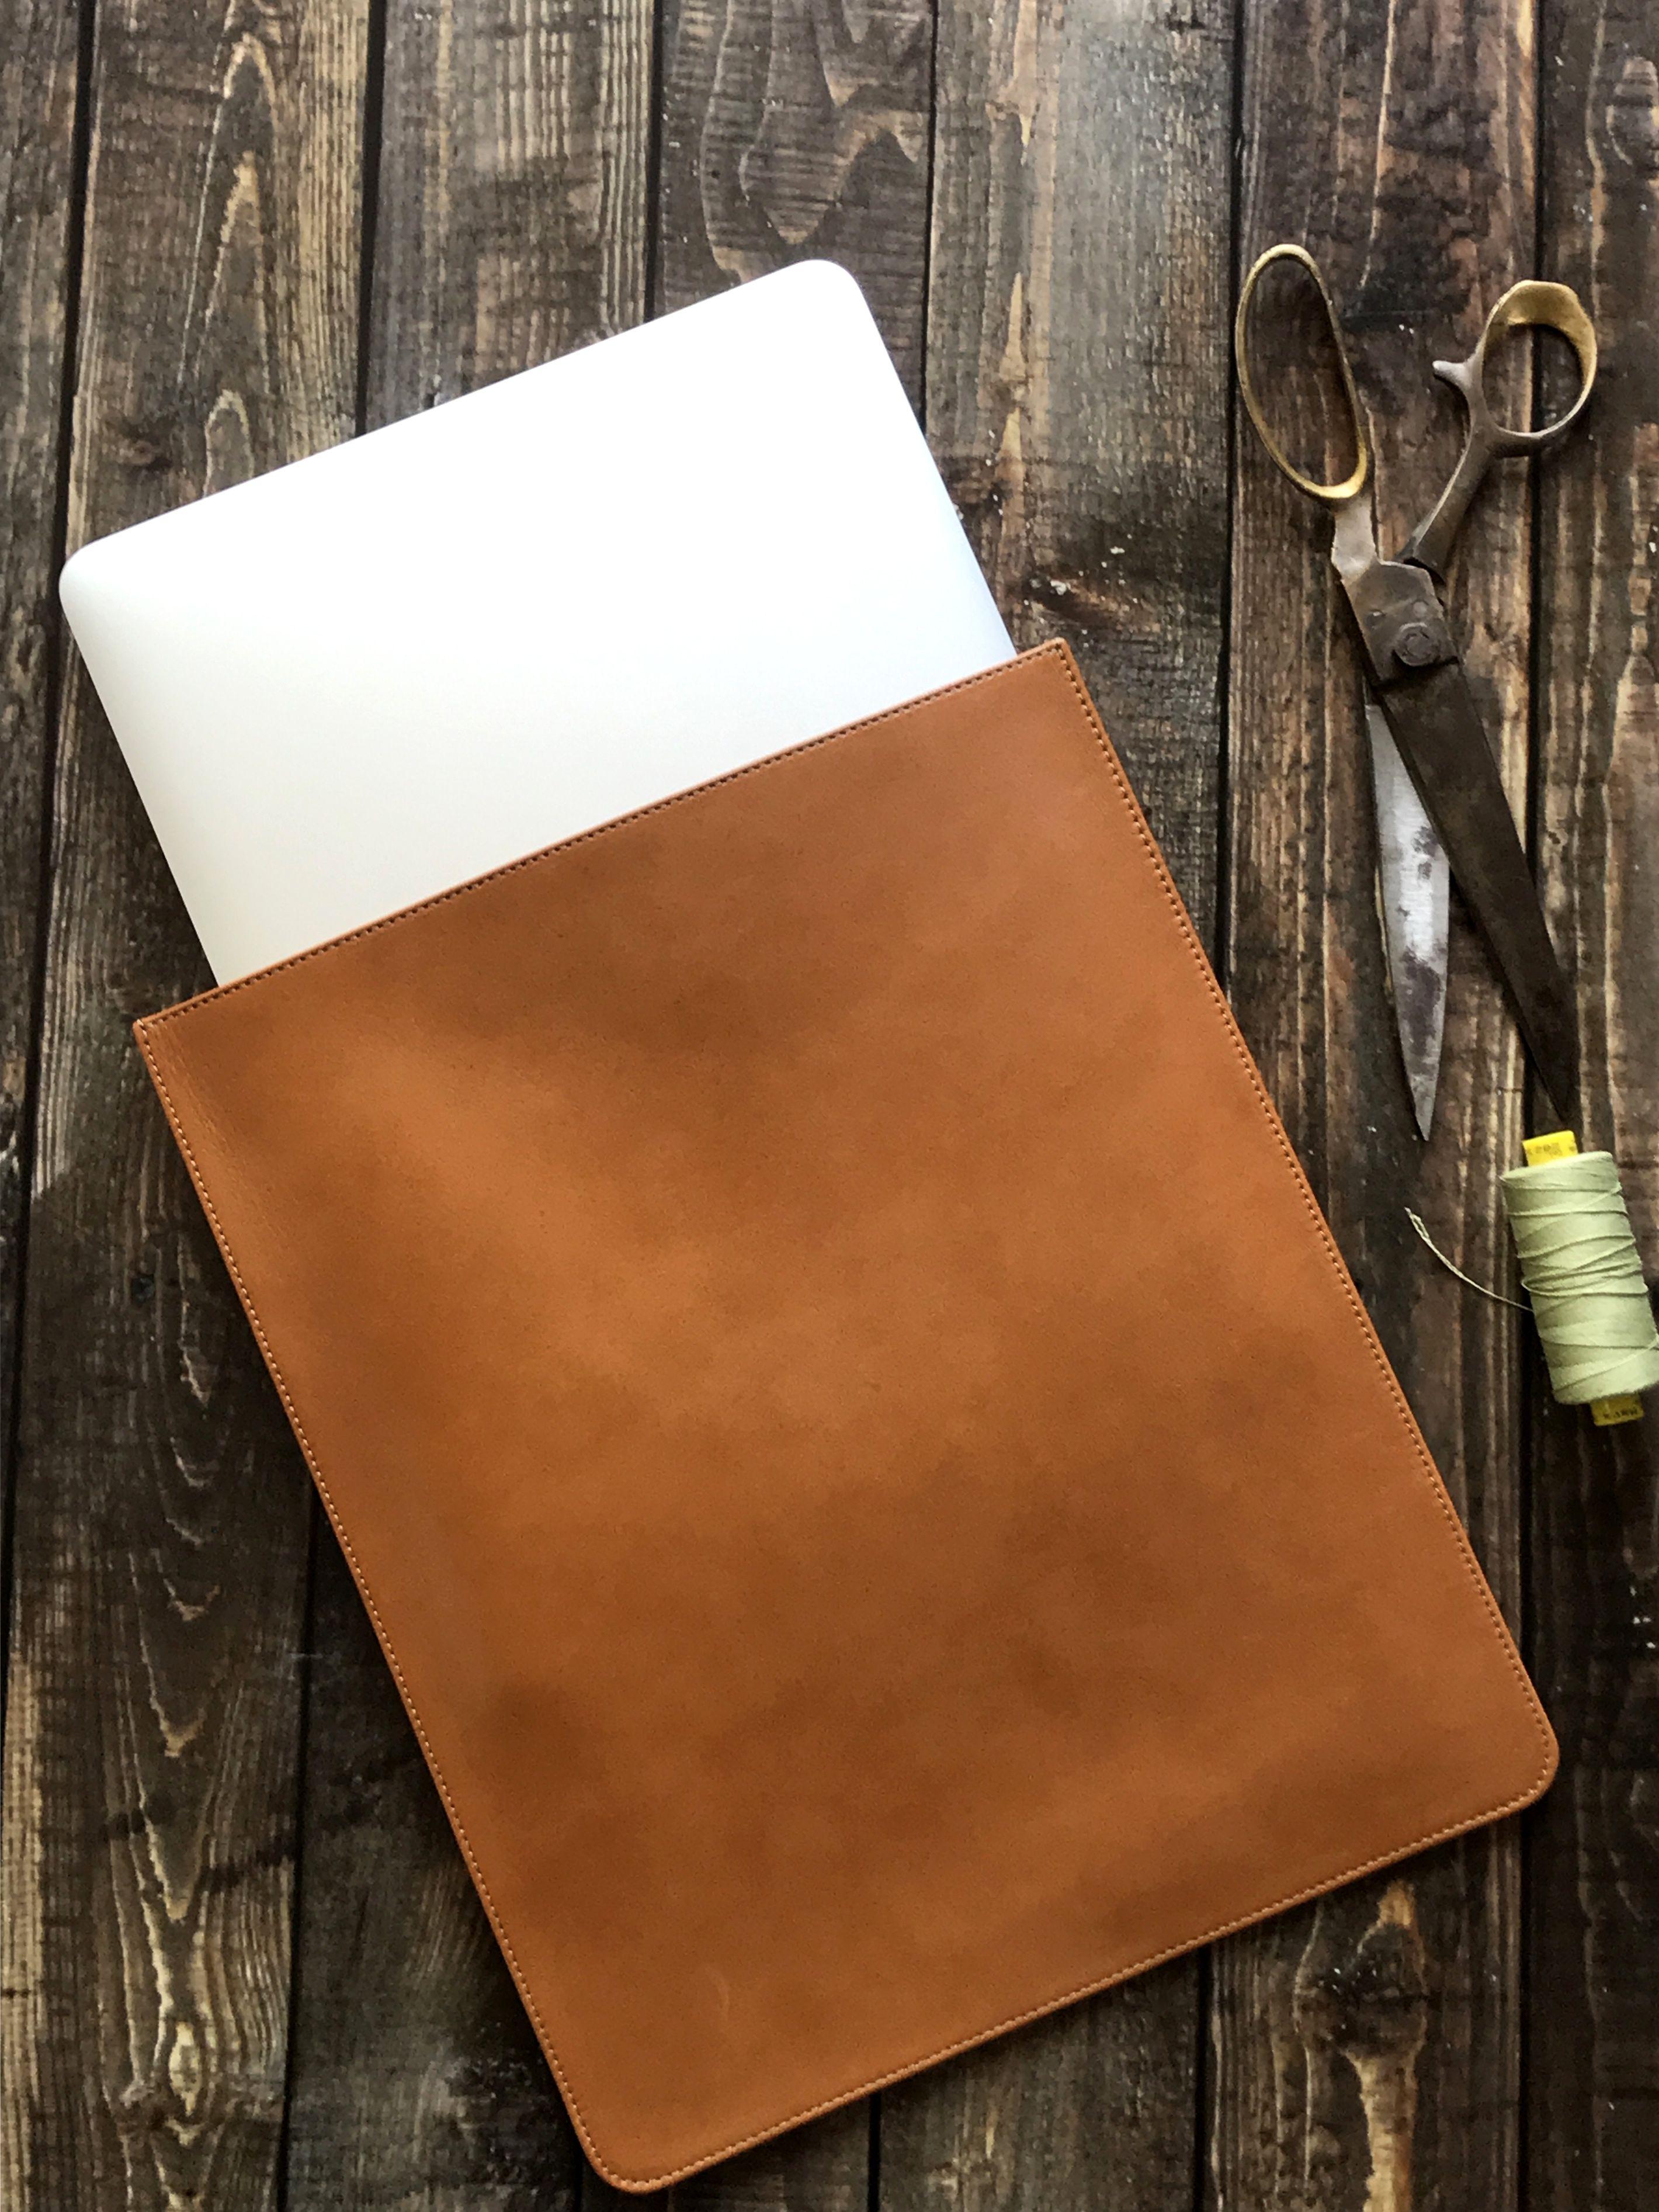 MacBook Sleeve Leather Snug Fit, Slim MacBook Air Case